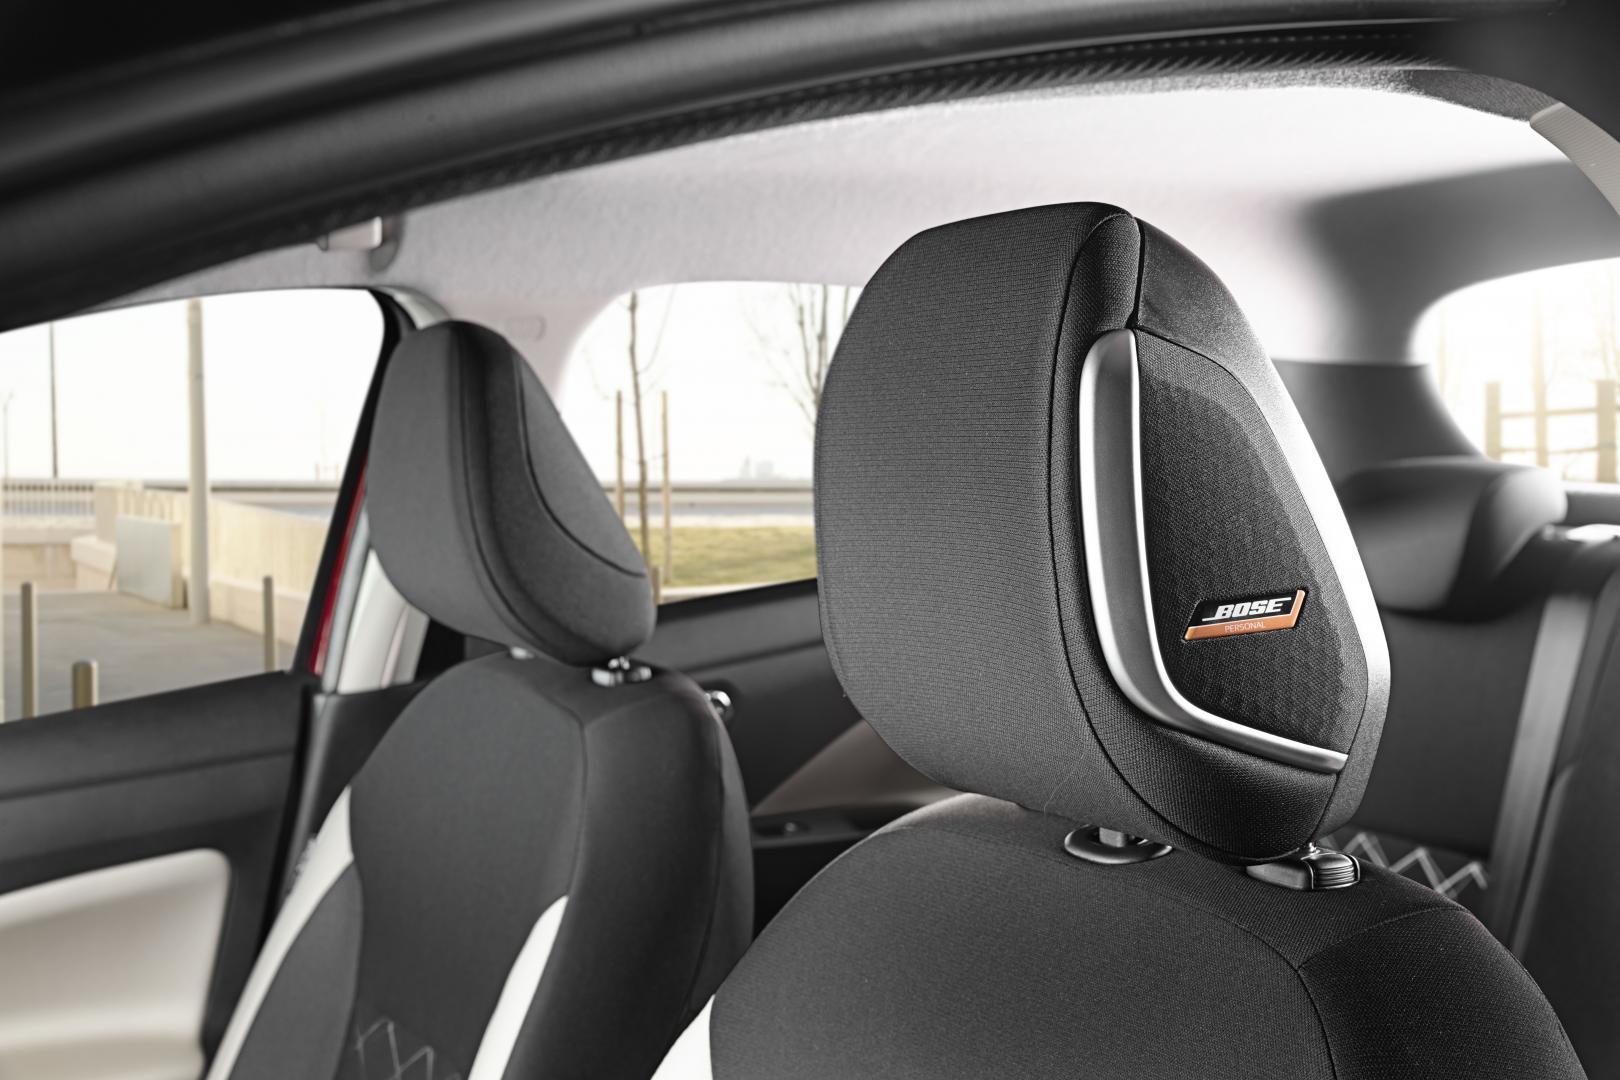 Nissan Micra 2019 hoofdsteunen bose speakers